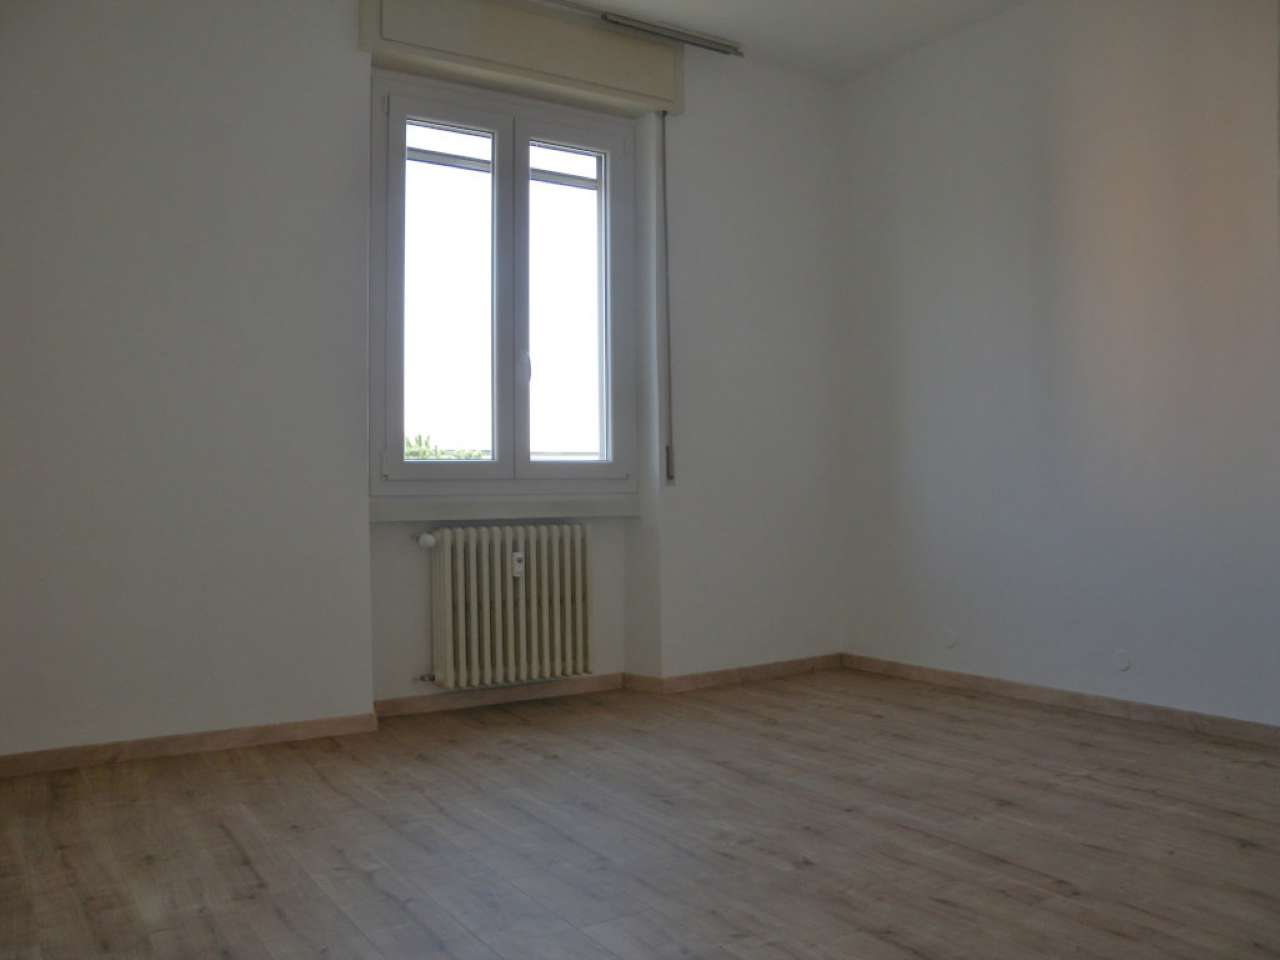 Appartamento in Affitto a Pieve Emanuele Centro: 2 locali, 70 mq